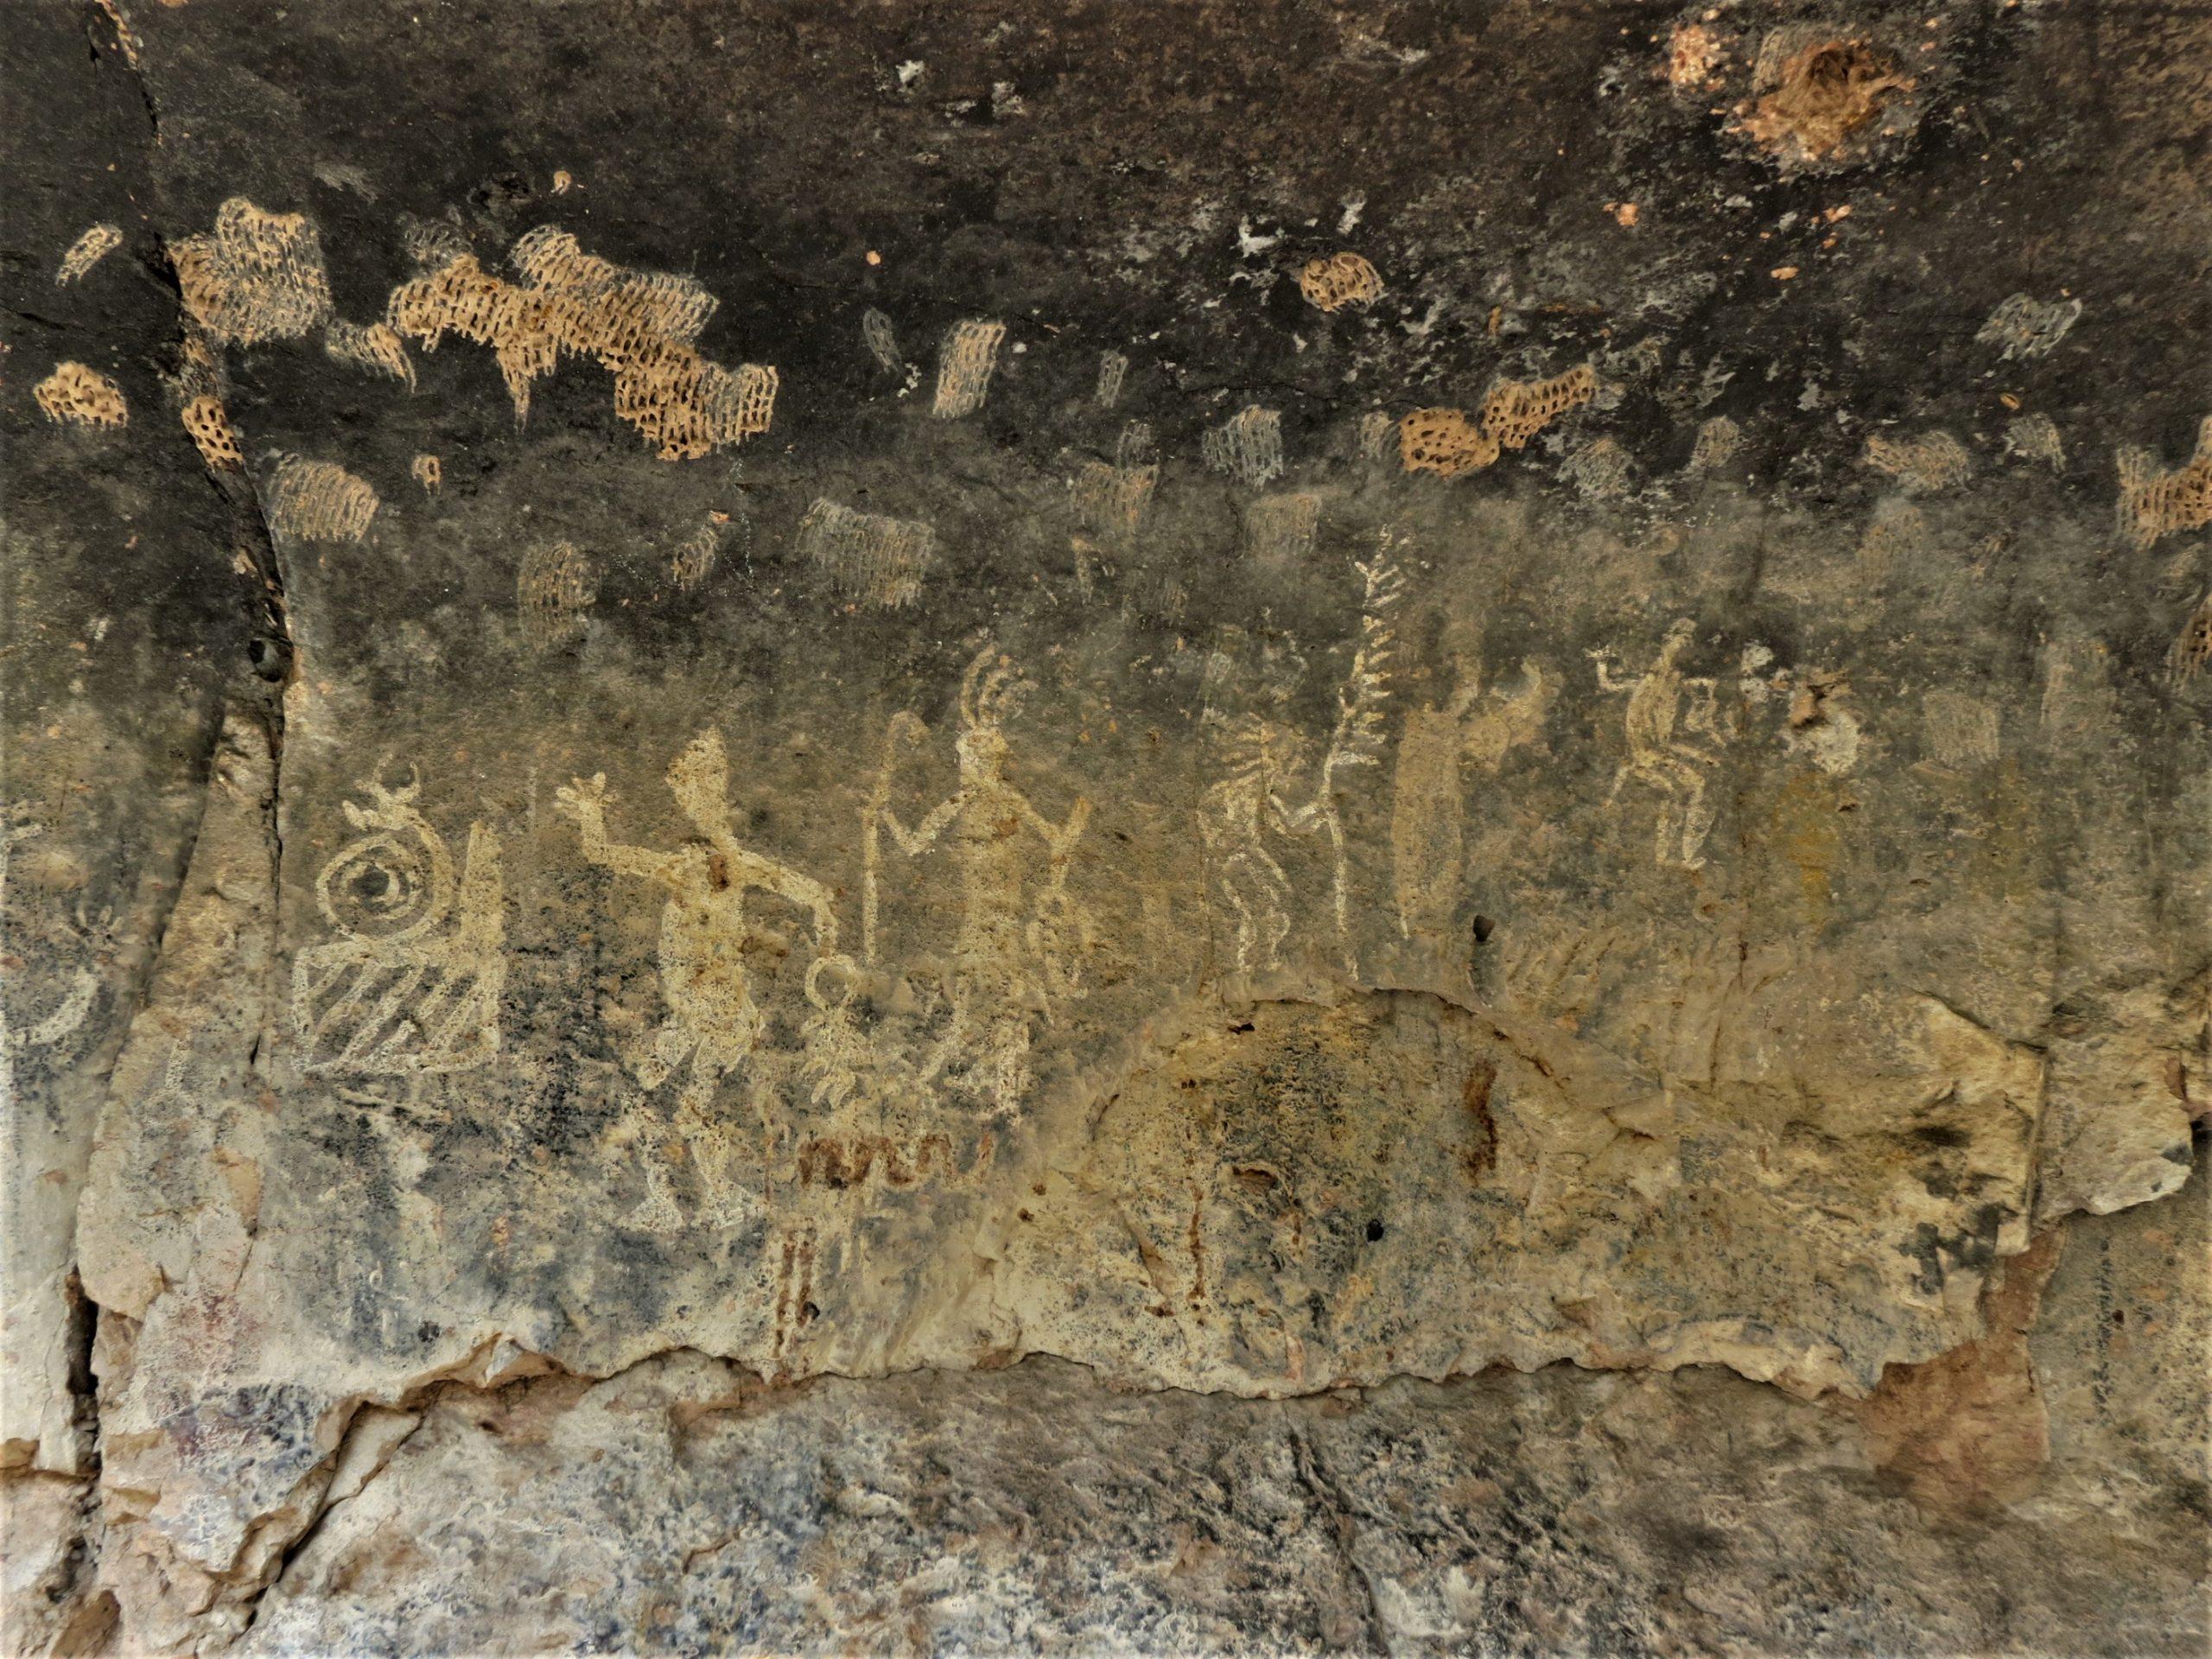 Muro izquierdo de las pinturas rupestres del Tepozan